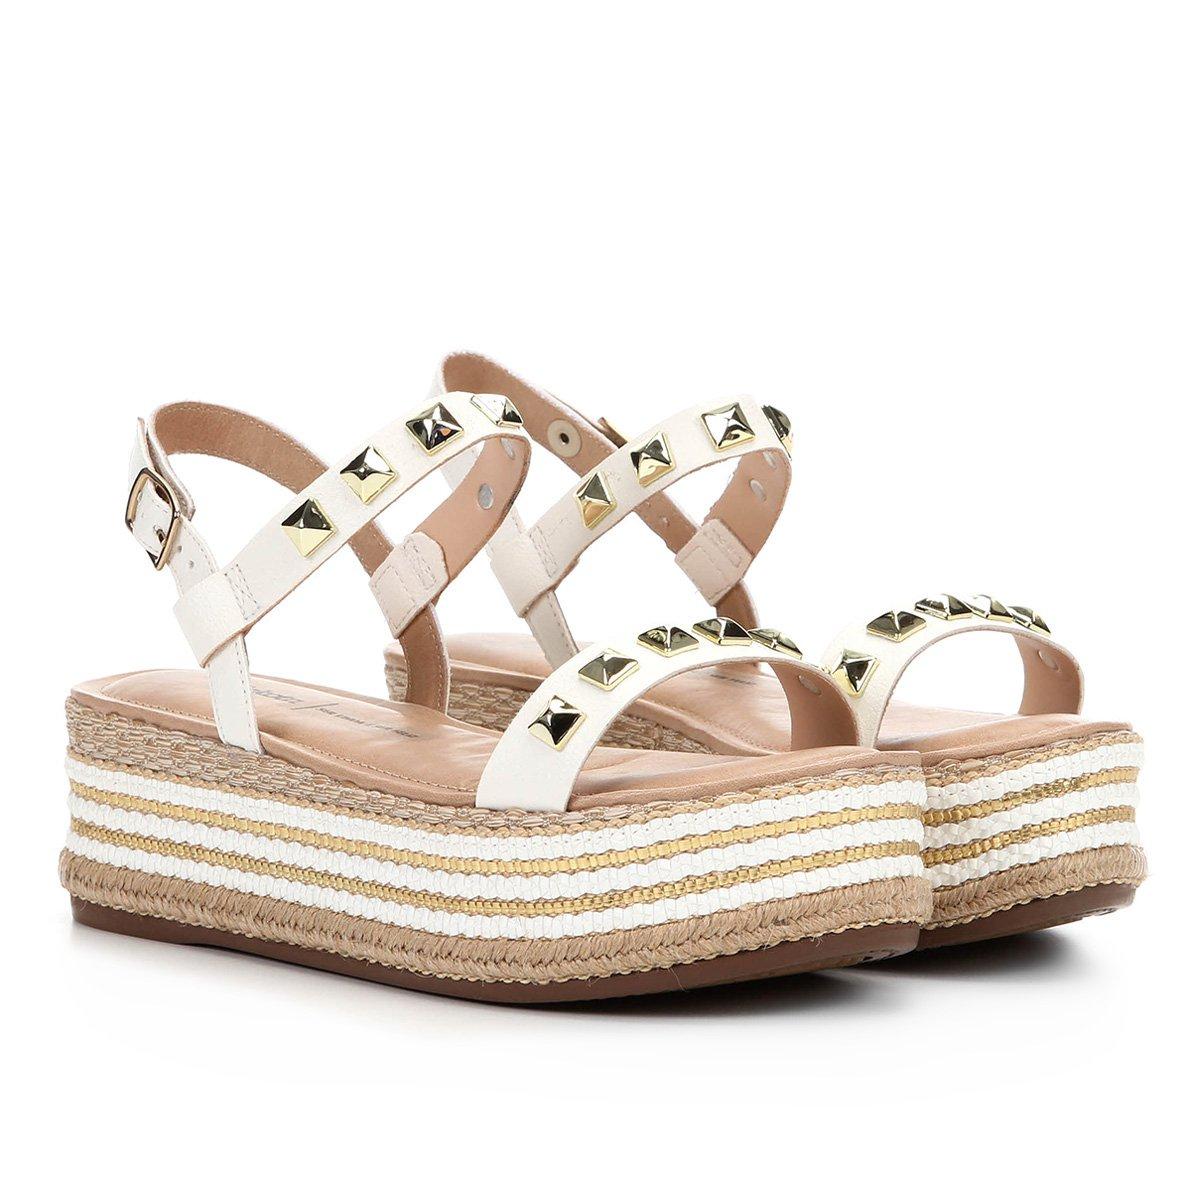 1e5c0a041d Sandália Plataforma Dakota Corda Spikes Feminina - Compre Agora ...